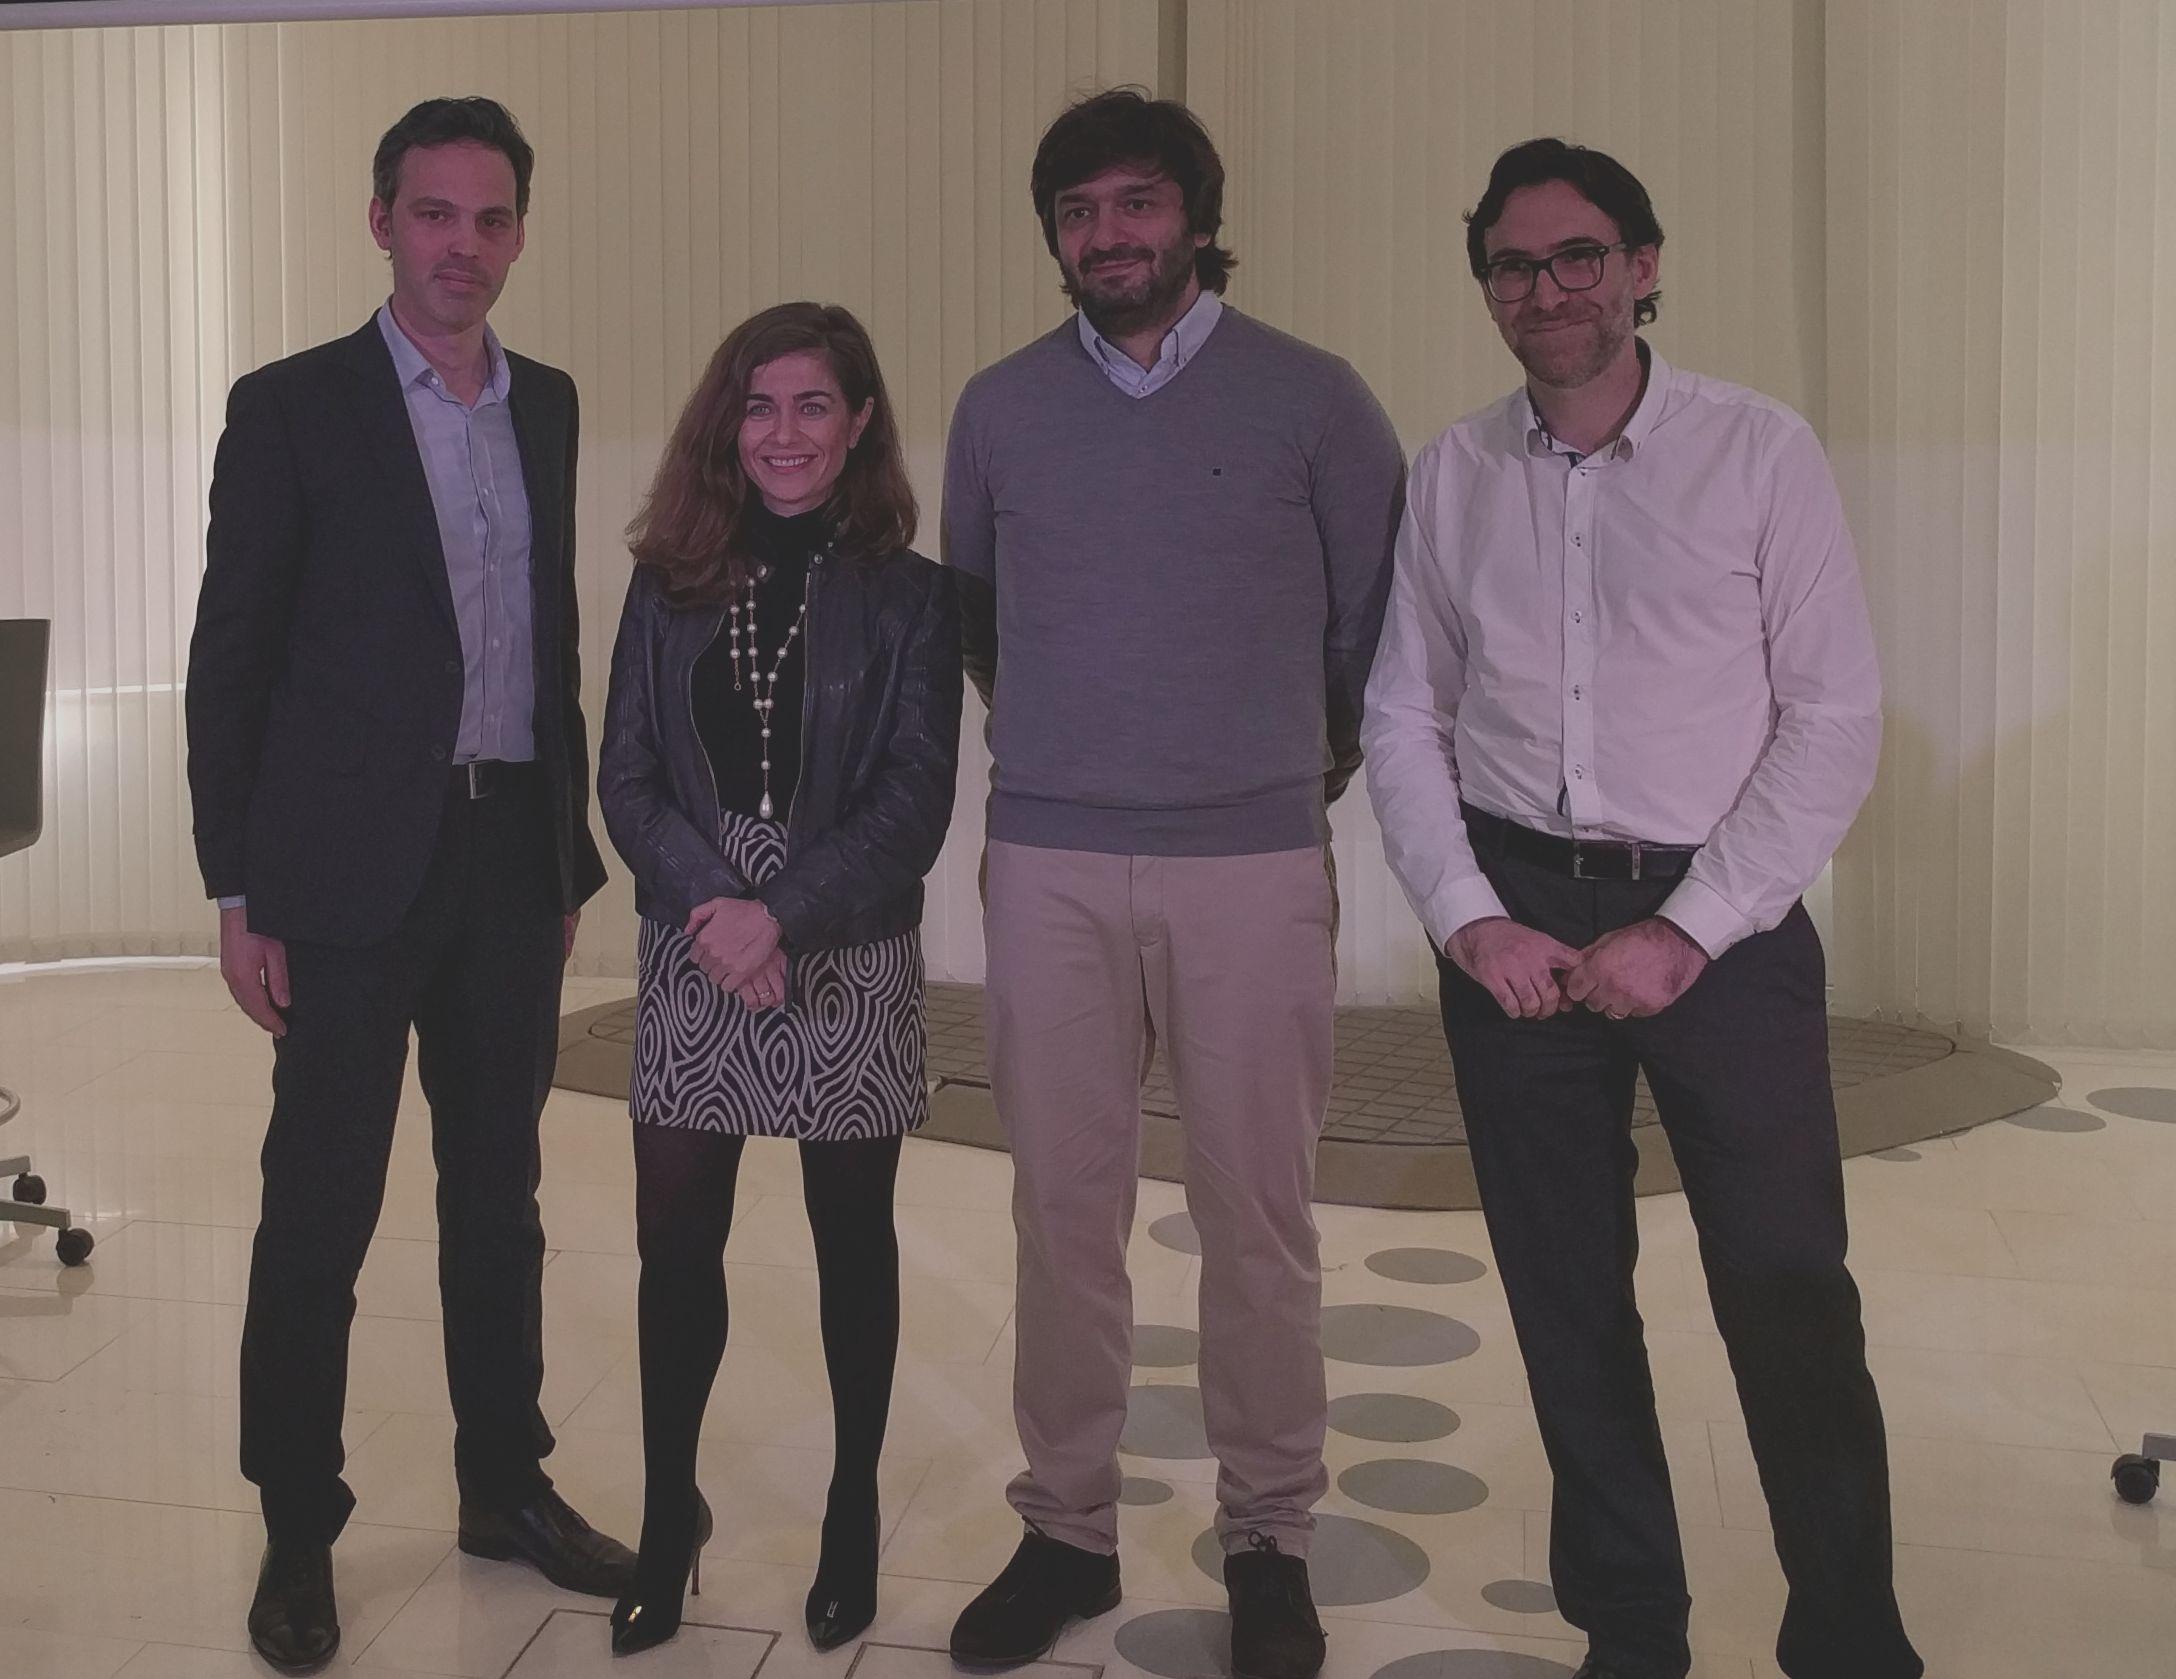 De izquierda a derecha: Paul de Fombelle (Mailify), Susana Voces (eBay), Álvaro Morón (BBVA), Bertrand Amaraggi (Prestashop)